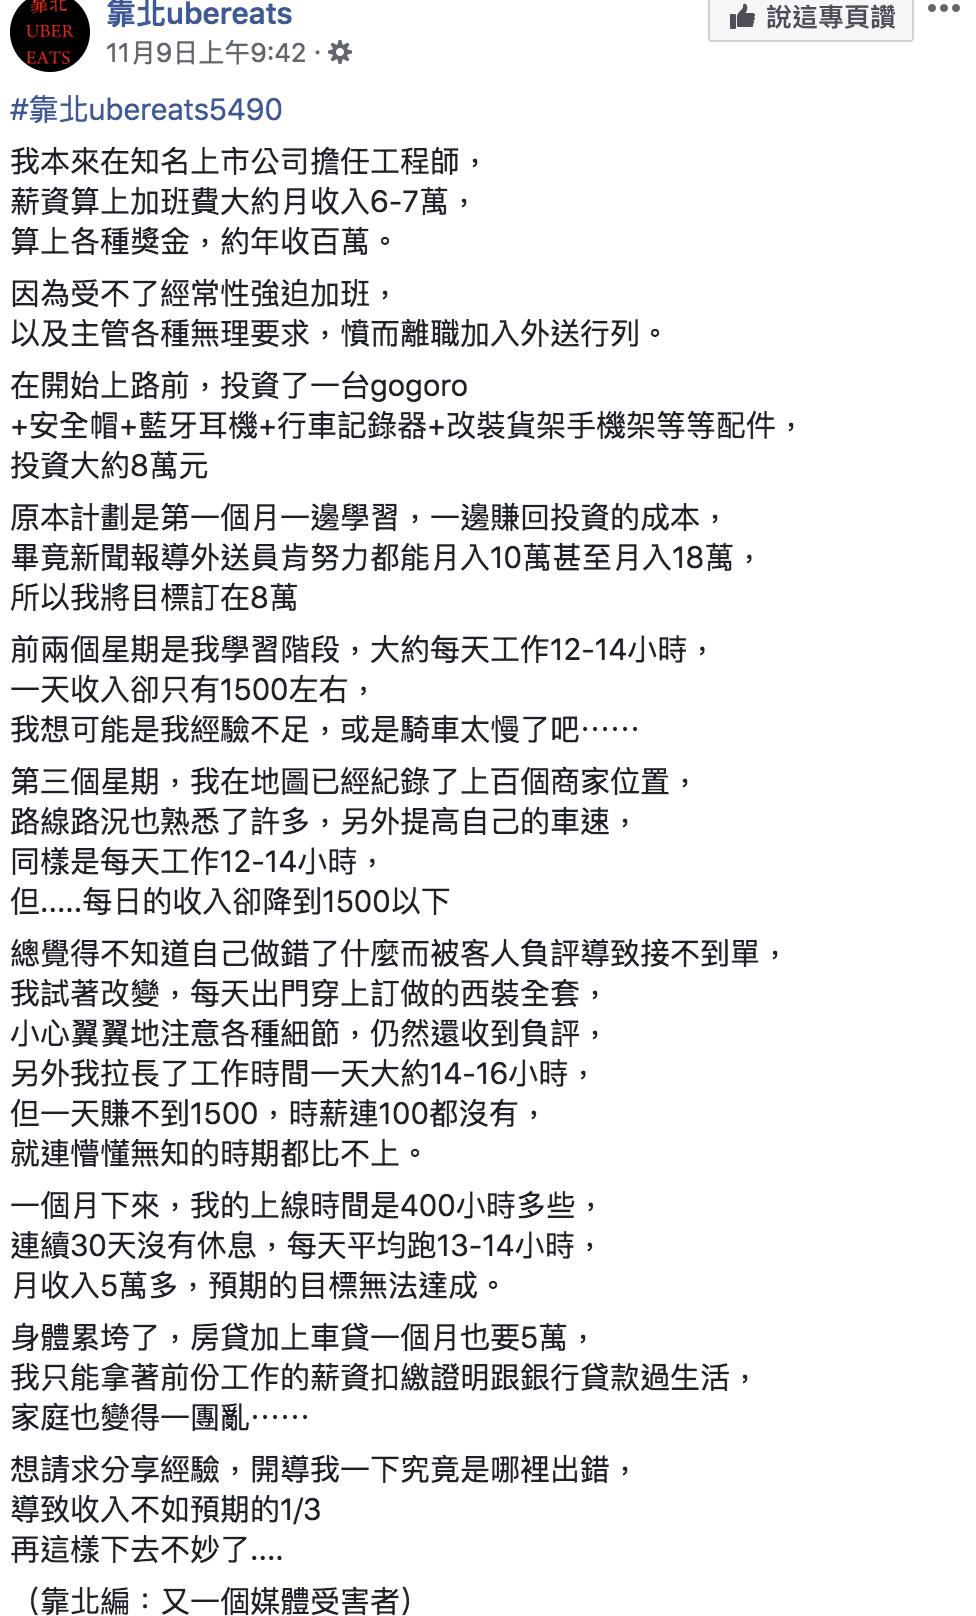 男大生名叫春秋戰國,獨特姓名成網路紅人。圖片來源/臉書